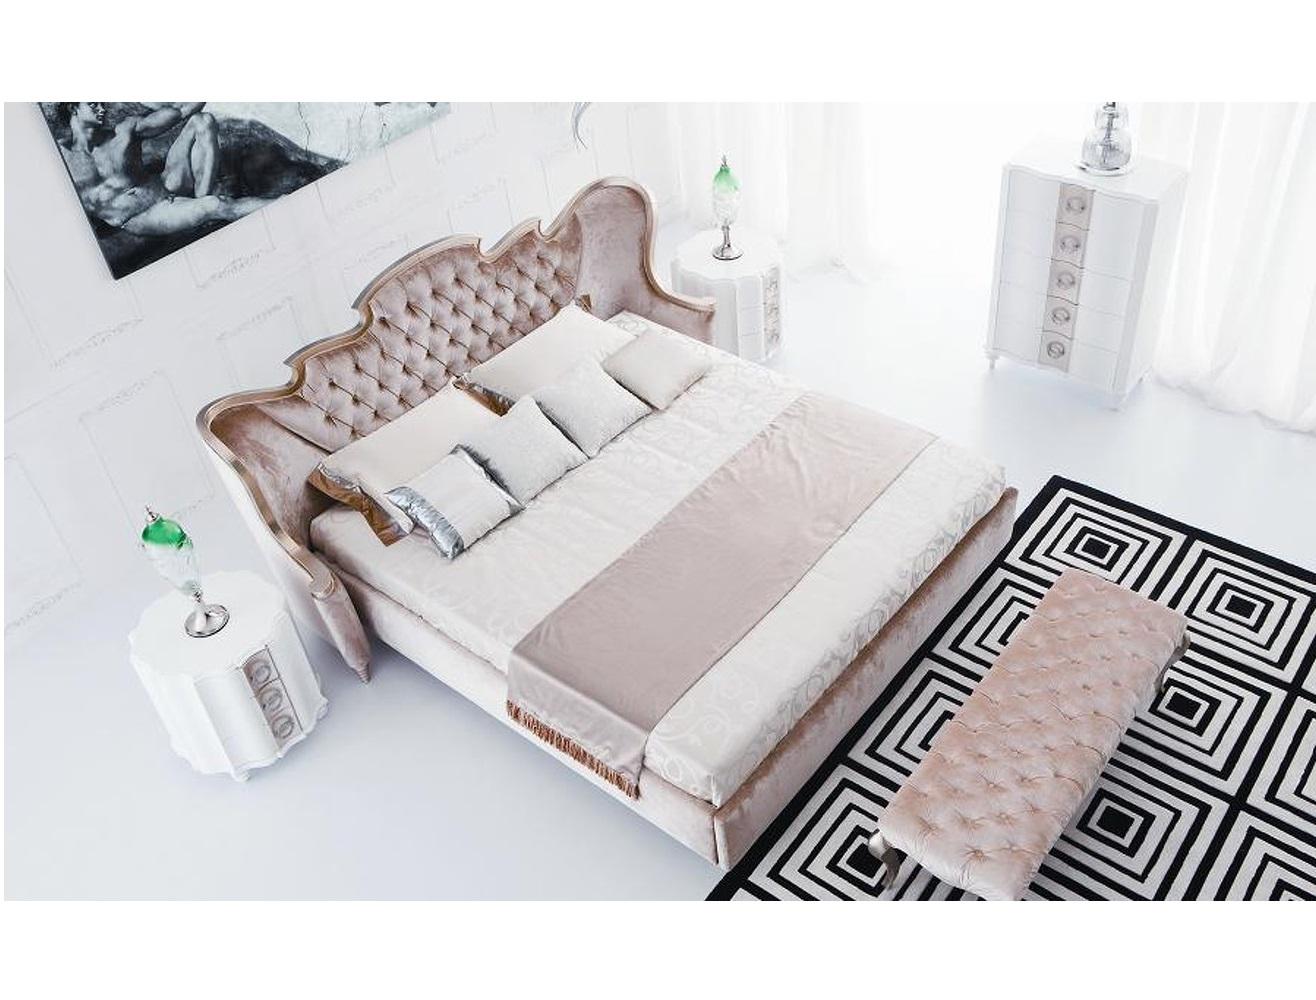 Кровать с решеткой RiminiКровати с мягким изголовьем<br>Кровать на низких конусообразных ножках выполнена в стиле Ар деко. Фигурное изголовье с загнутыми боковинками обито велюром и декорировано стежкой капитоне. Сделана из высококачественного МДФ высокой плотности и массива дерева, рама изголовья выполнена из полимерной смолы.&amp;lt;div&amp;gt;&amp;lt;br&amp;gt;&amp;lt;div&amp;gt;Размер спального места 200*200 см.&amp;lt;/div&amp;gt;&amp;lt;div&amp;gt;Фото в другой ткани!&amp;amp;nbsp;&amp;lt;br&amp;gt;&amp;lt;/div&amp;gt;&amp;lt;/div&amp;gt;<br><br>Material: Текстиль<br>Width см: 257<br>Depth см: 230<br>Height см: 132